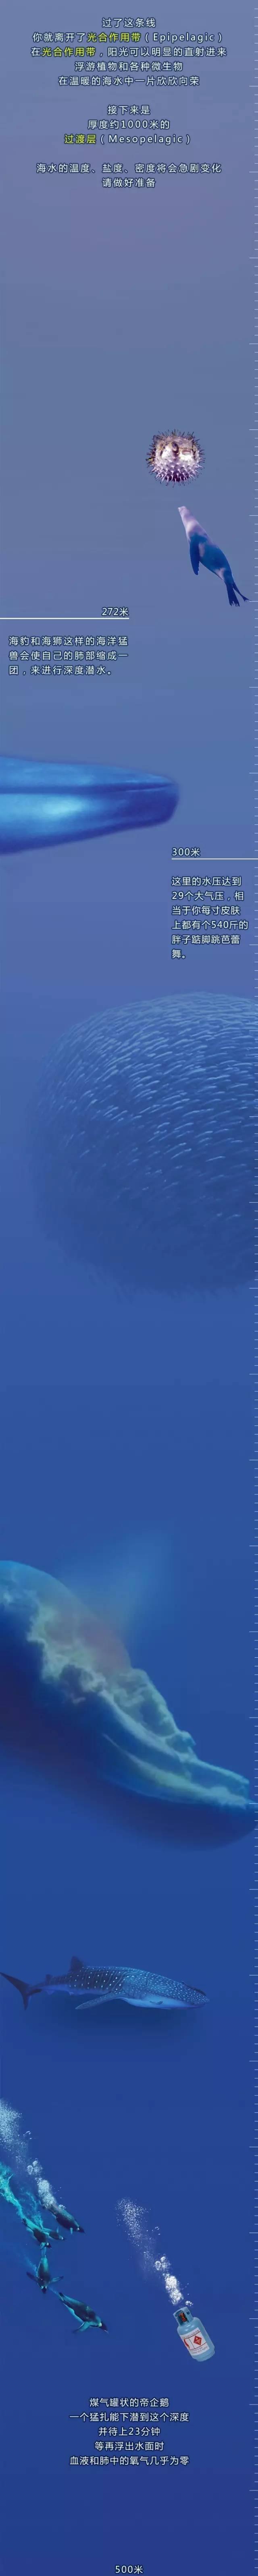 【知识普及】一张图看清海底1米到1万米都有啥?